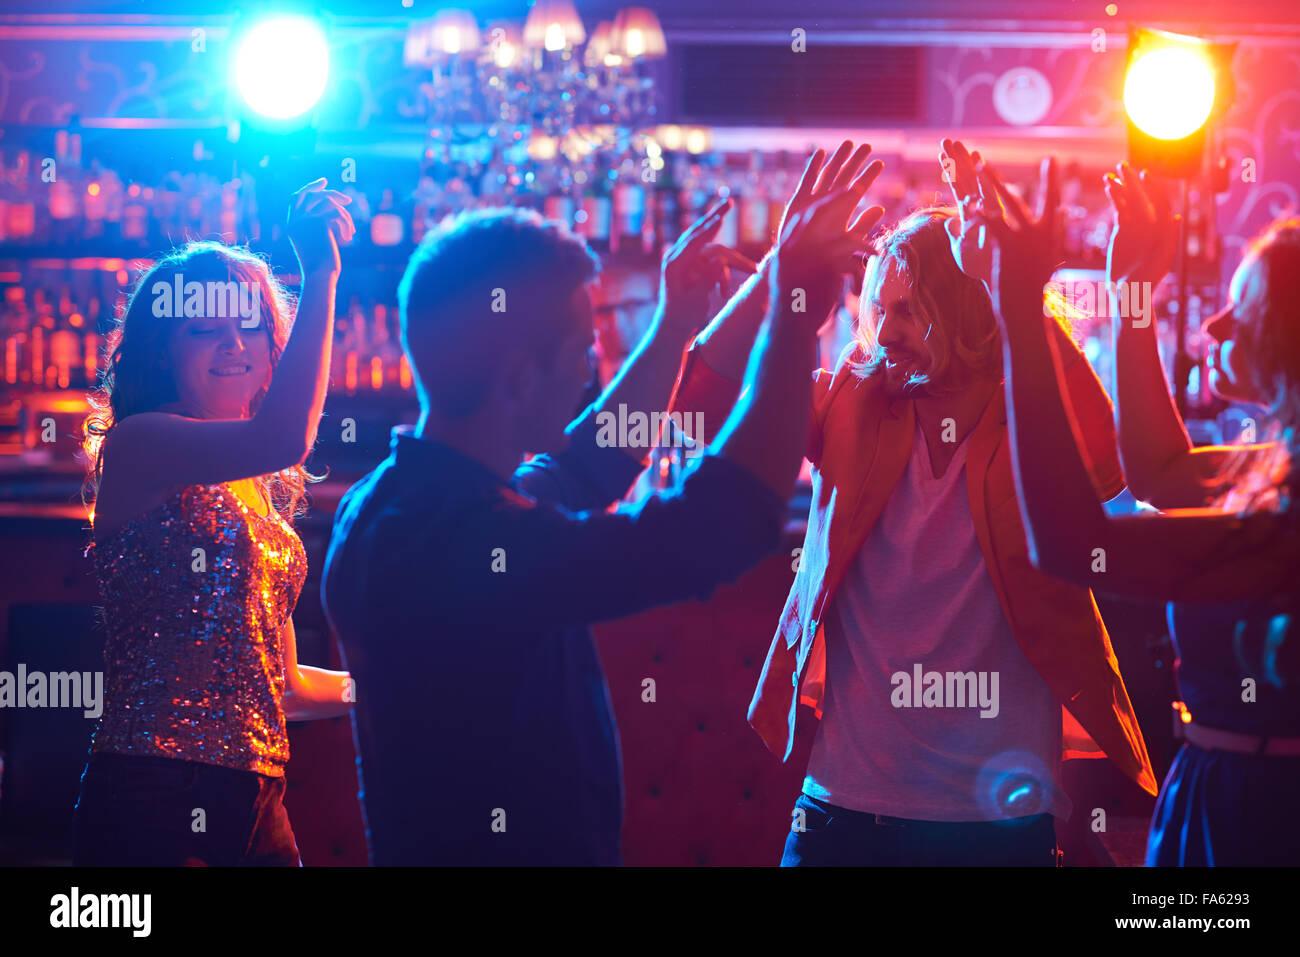 Happy amici ballare insieme nel club Immagini Stock